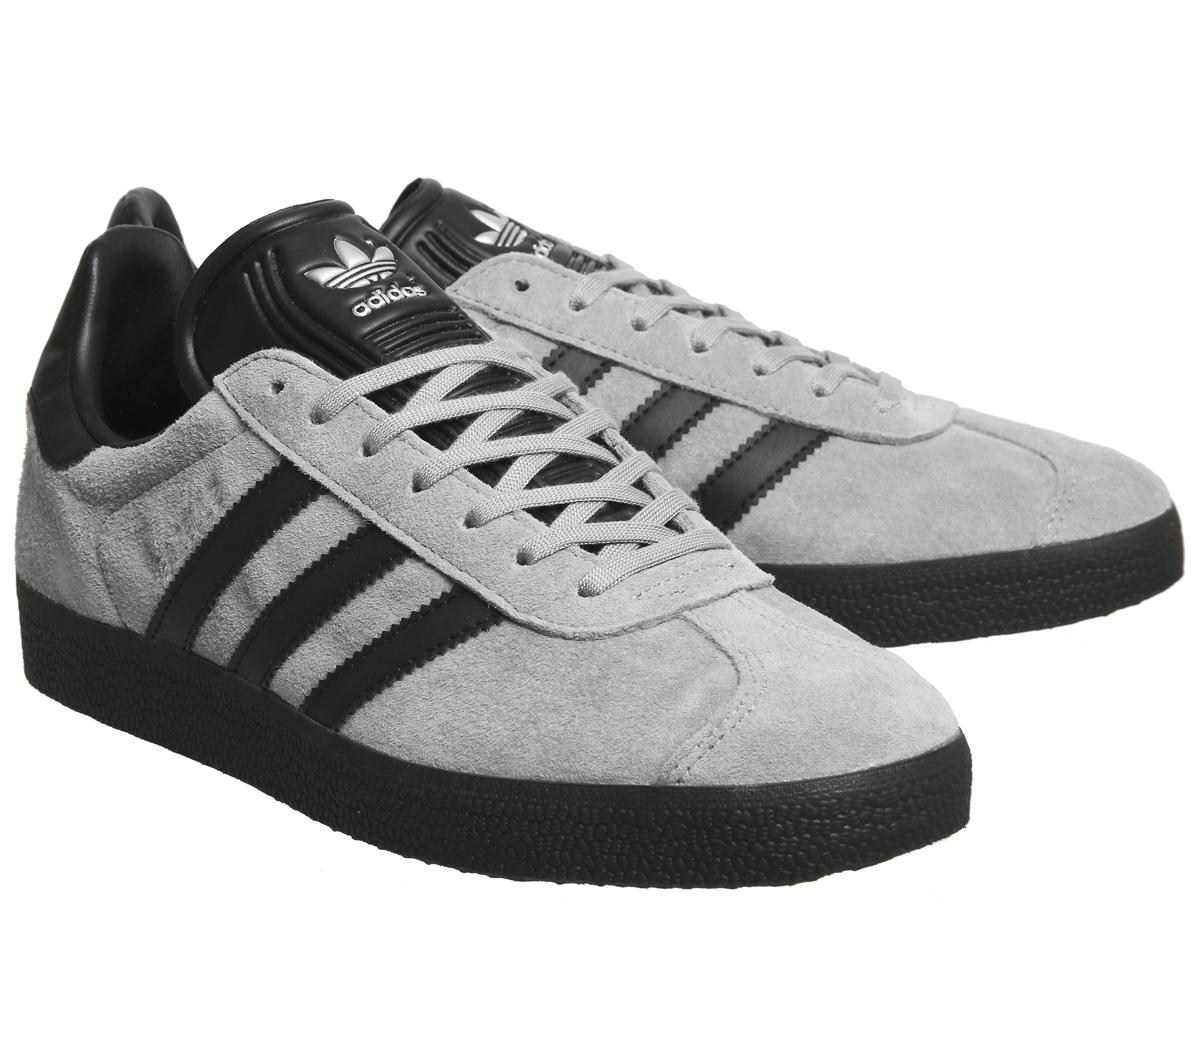 adidas gazelle grey black